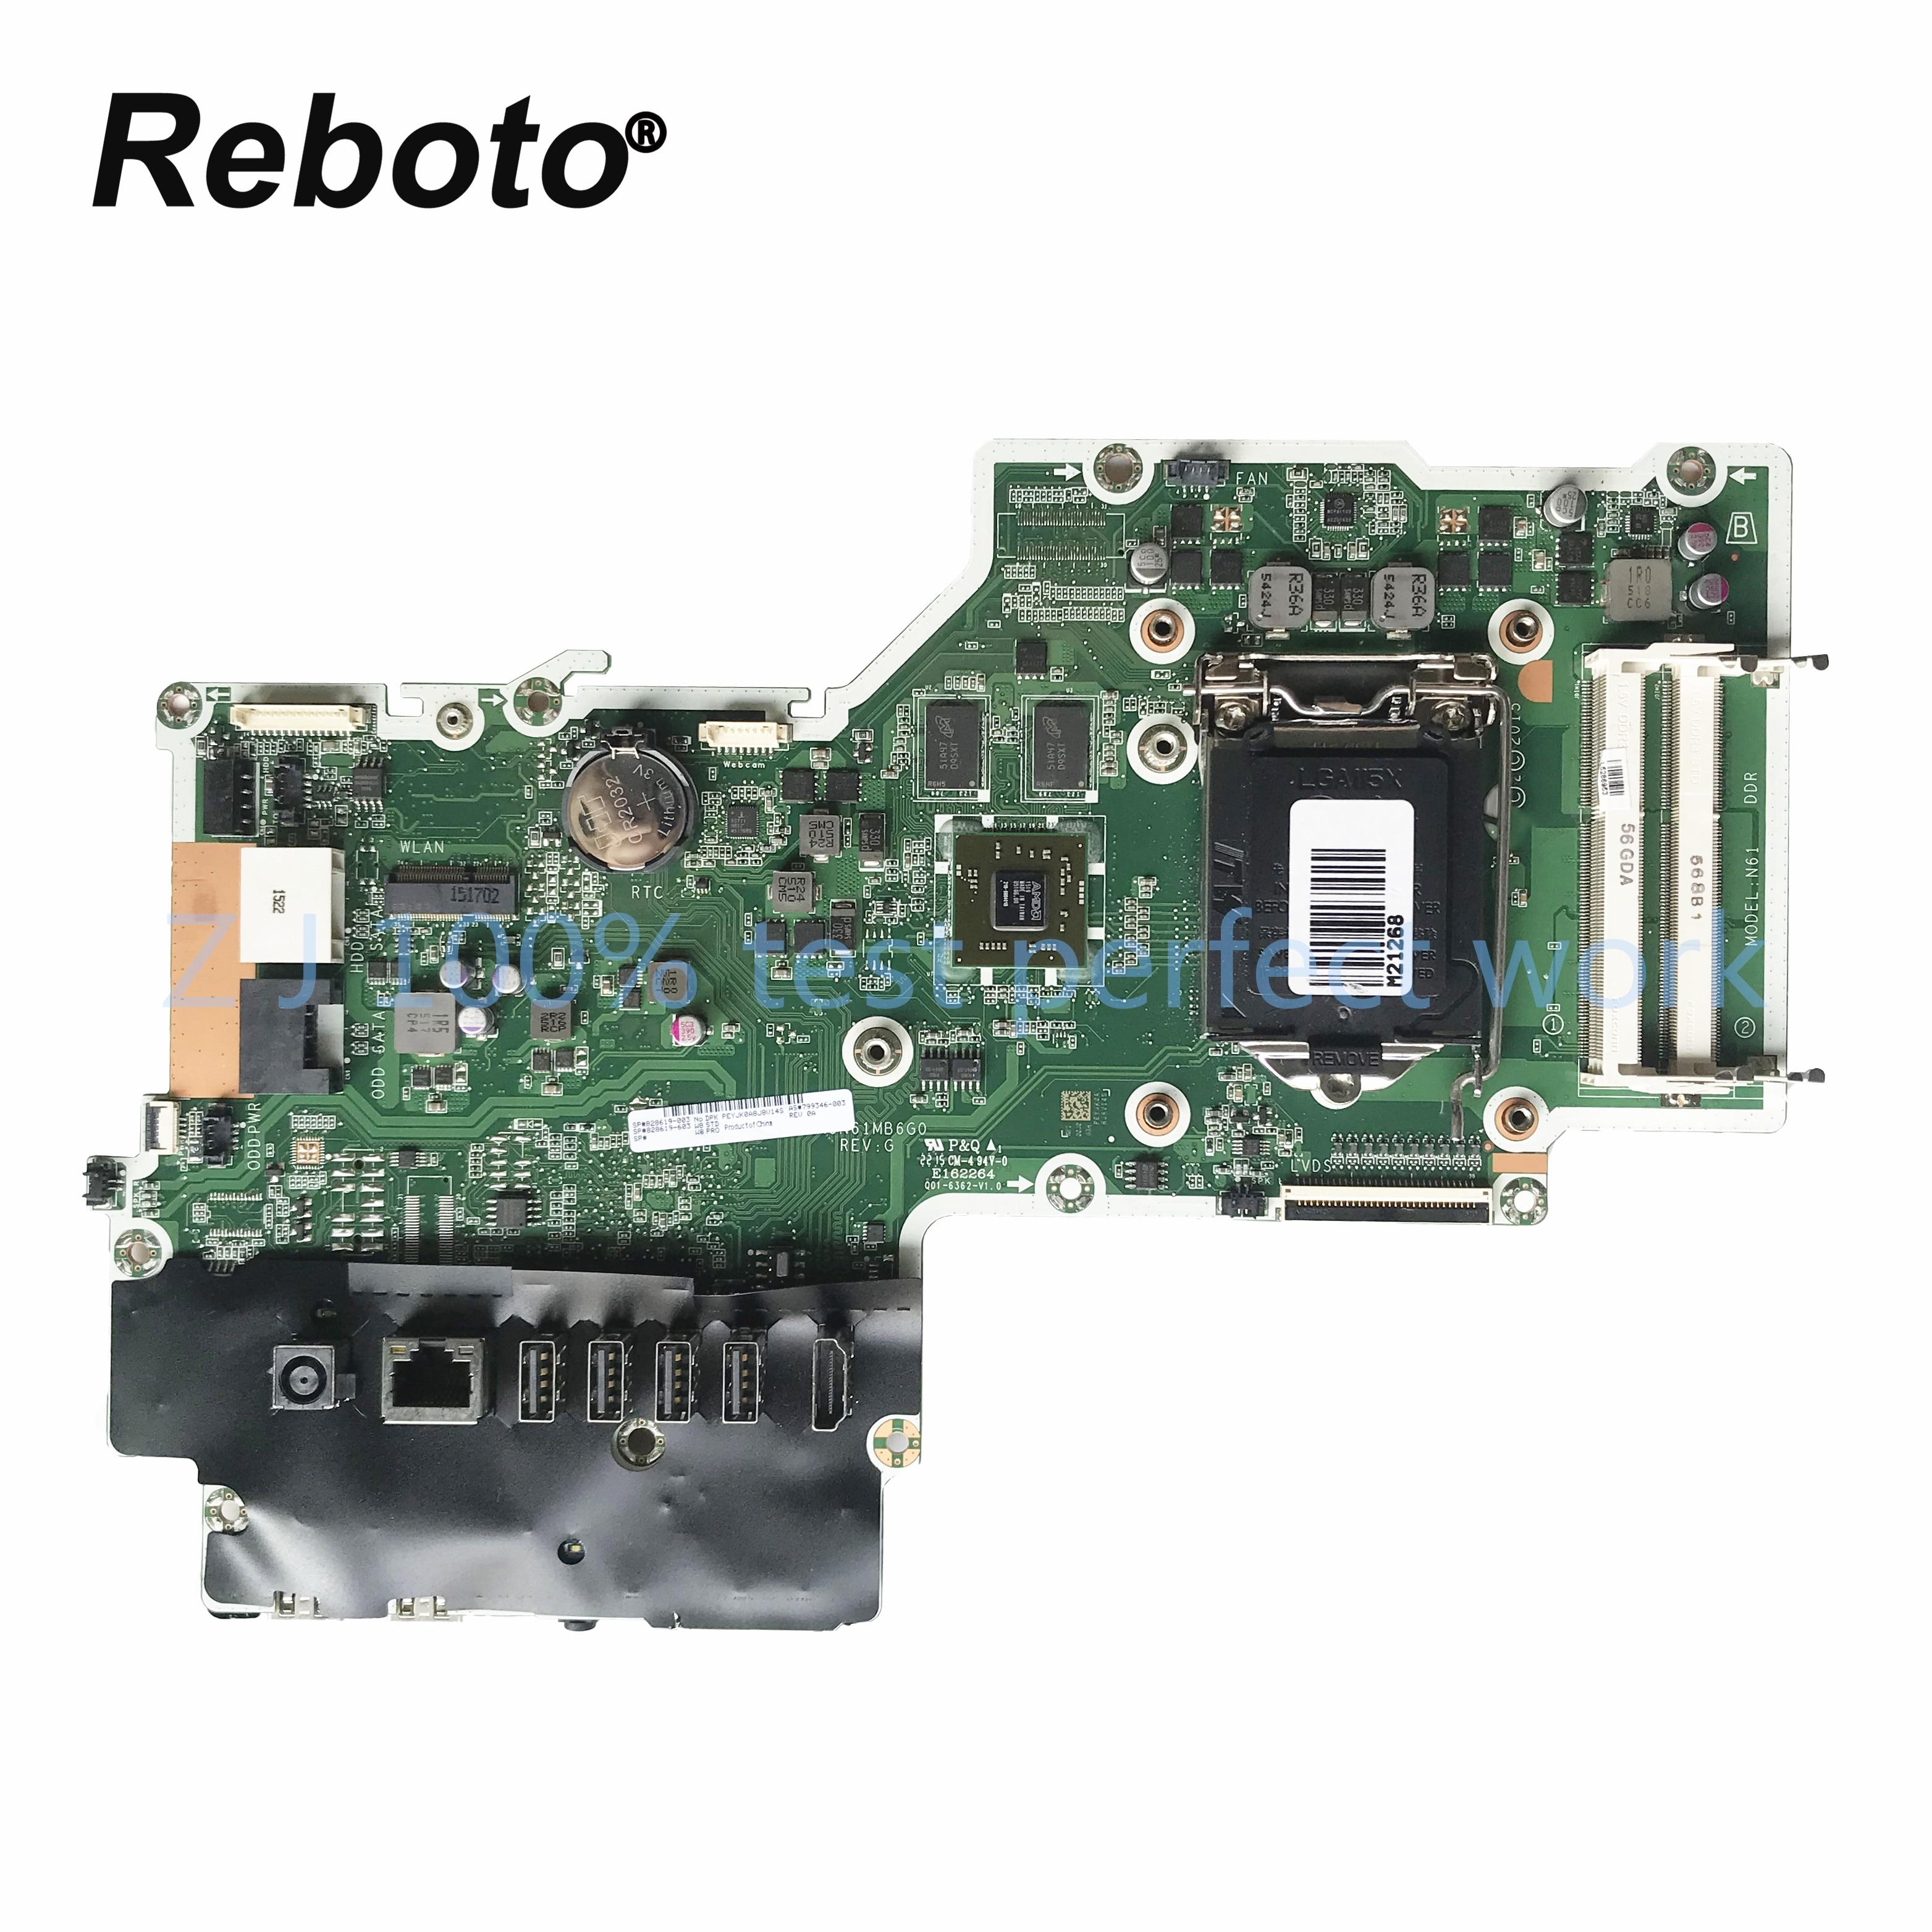 Nuevo para HP Pavilion 23-Q 27-N Touch placa base todo en uno 799346-003 799346-503 828619-003 828619-603 DA0N61MB6G0 100% probado